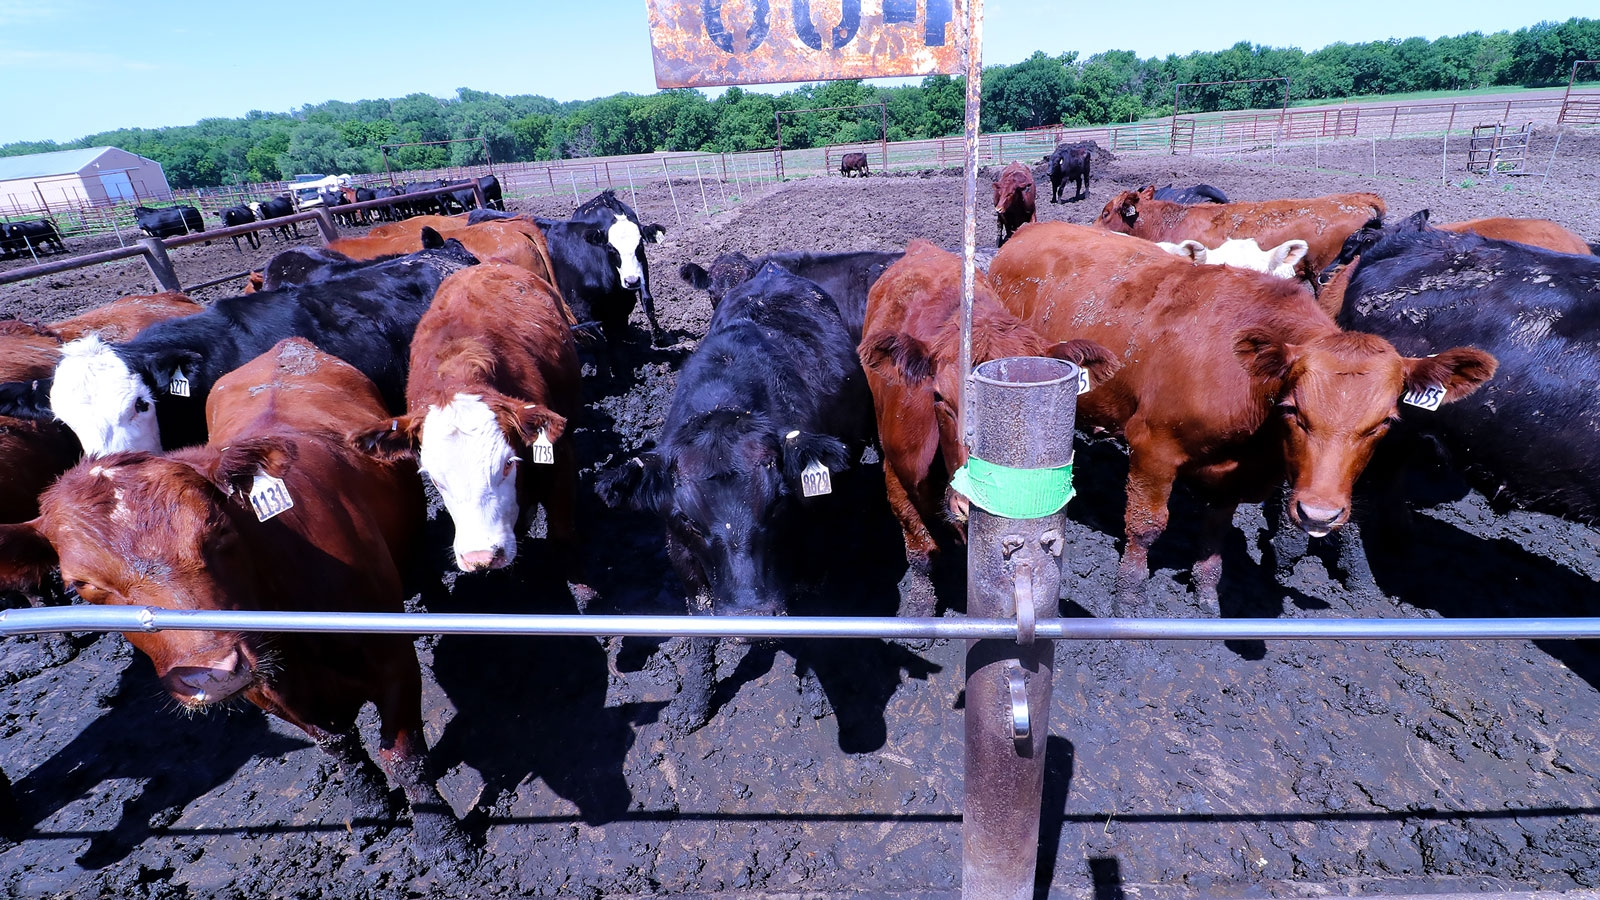 A herd of cattle in a pen